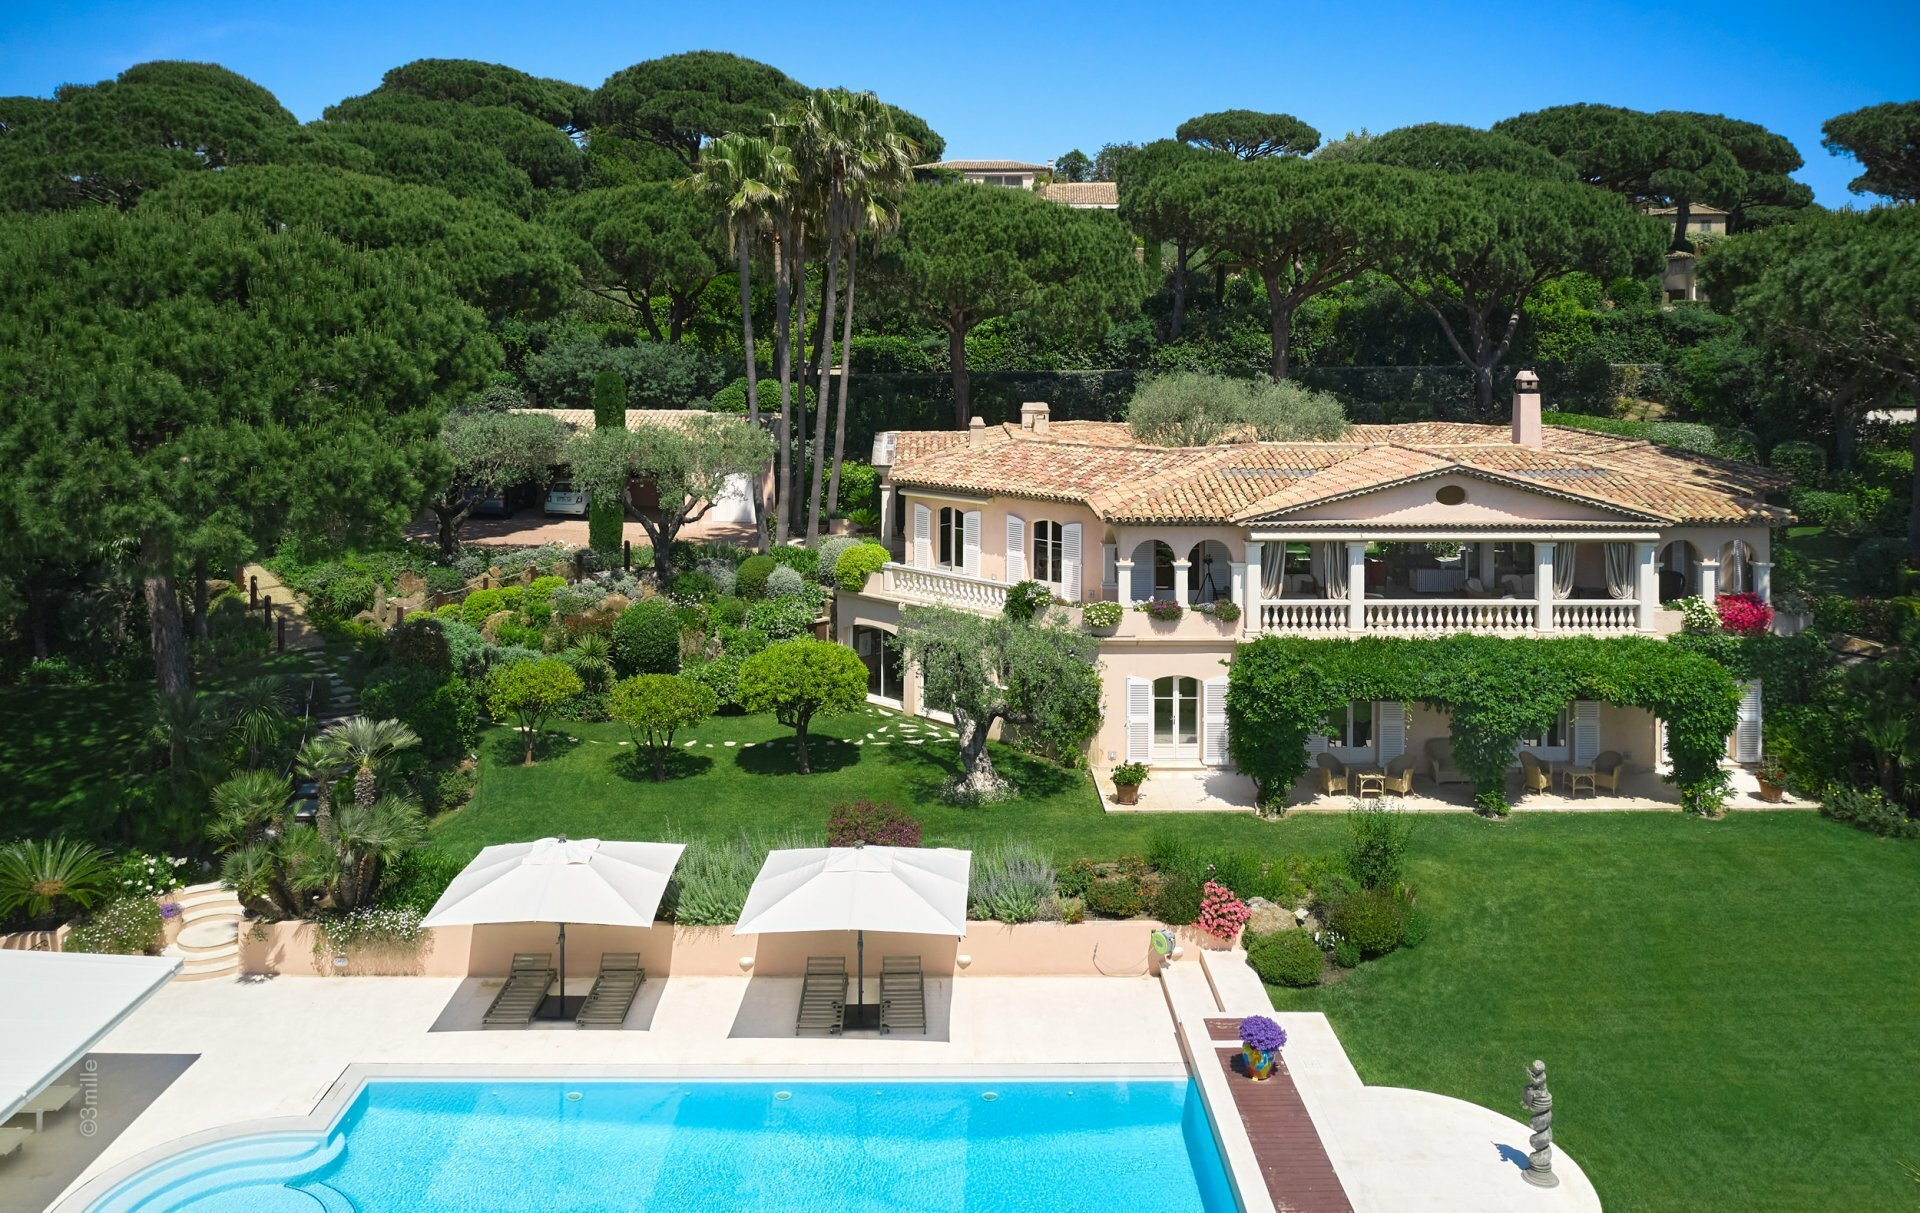 House in Saint-Tropez, Provence-Alpes-Côte d'Azur, France 1 - 11489917